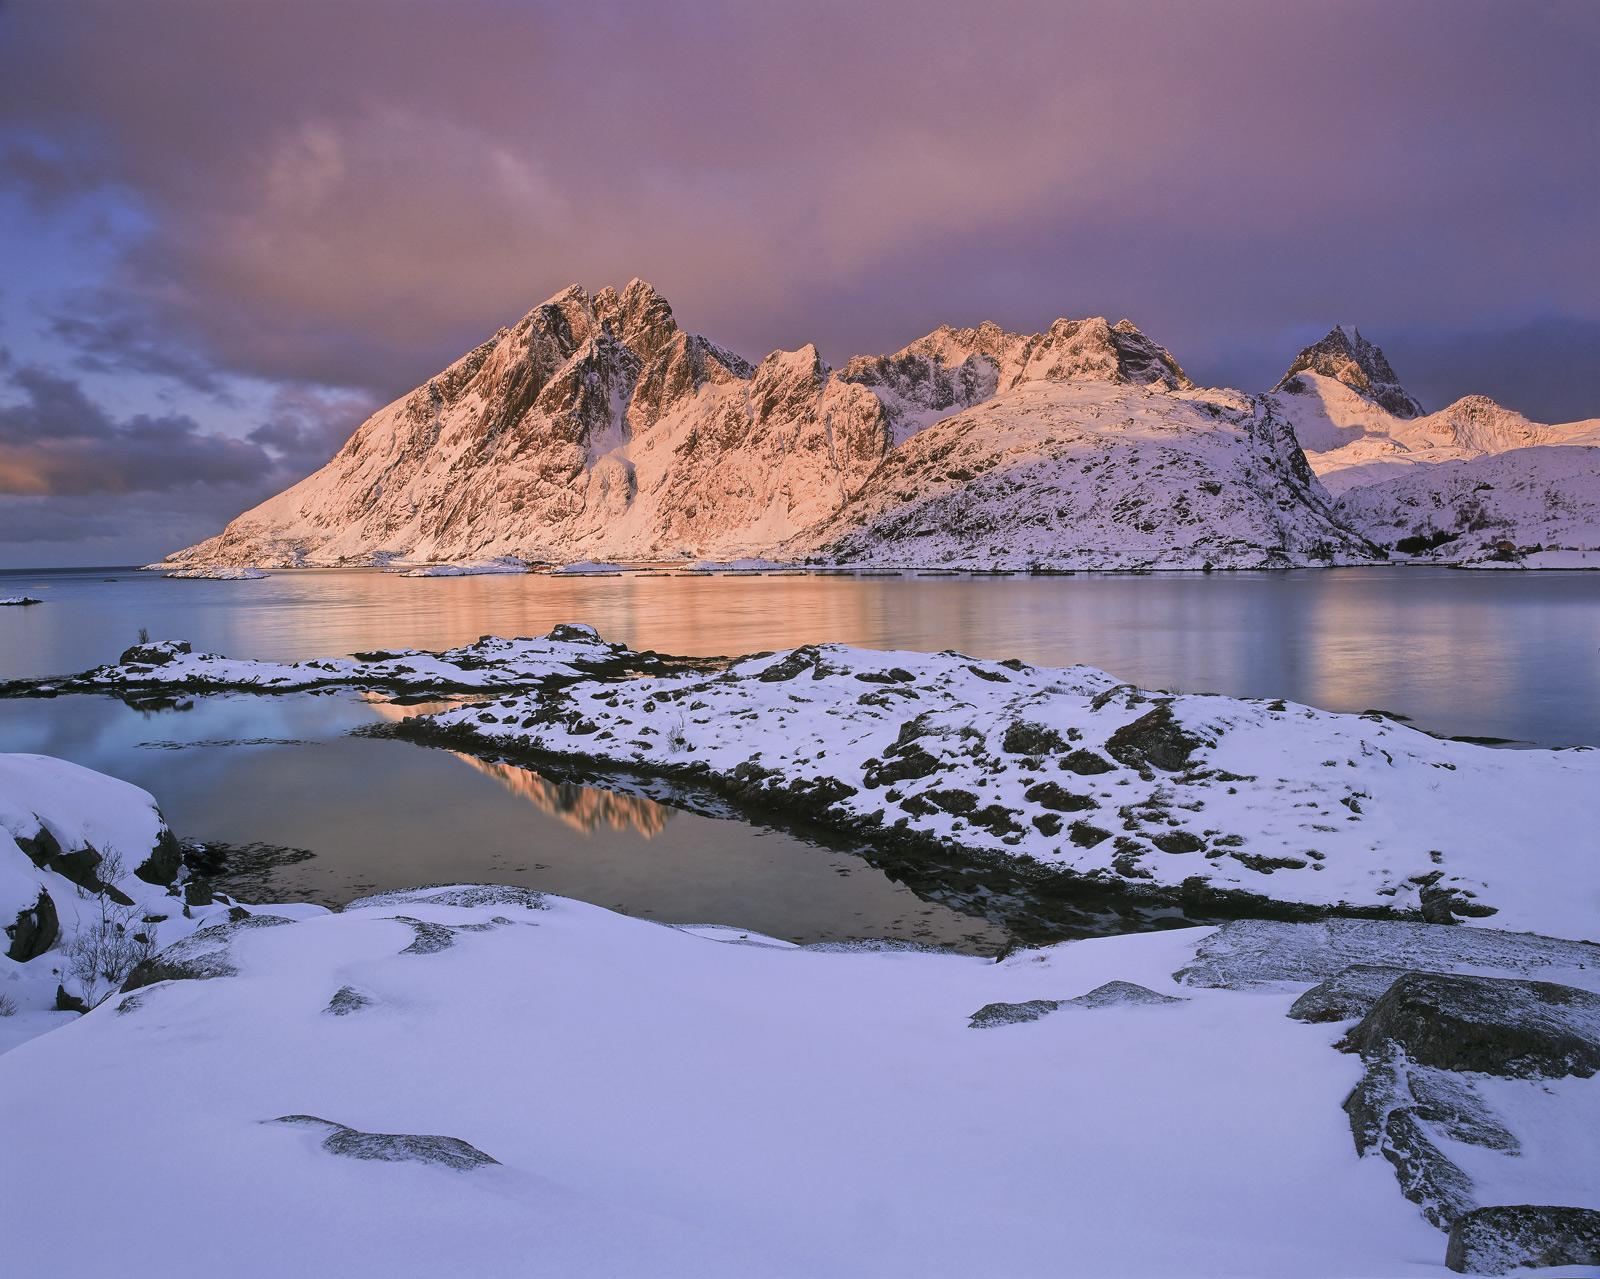 Eye Candy Sund, Sund, Lofoten, Norway, strawberry, sunlight, snow, summits, Reine, fjord, separate, reflected, peak  , photo